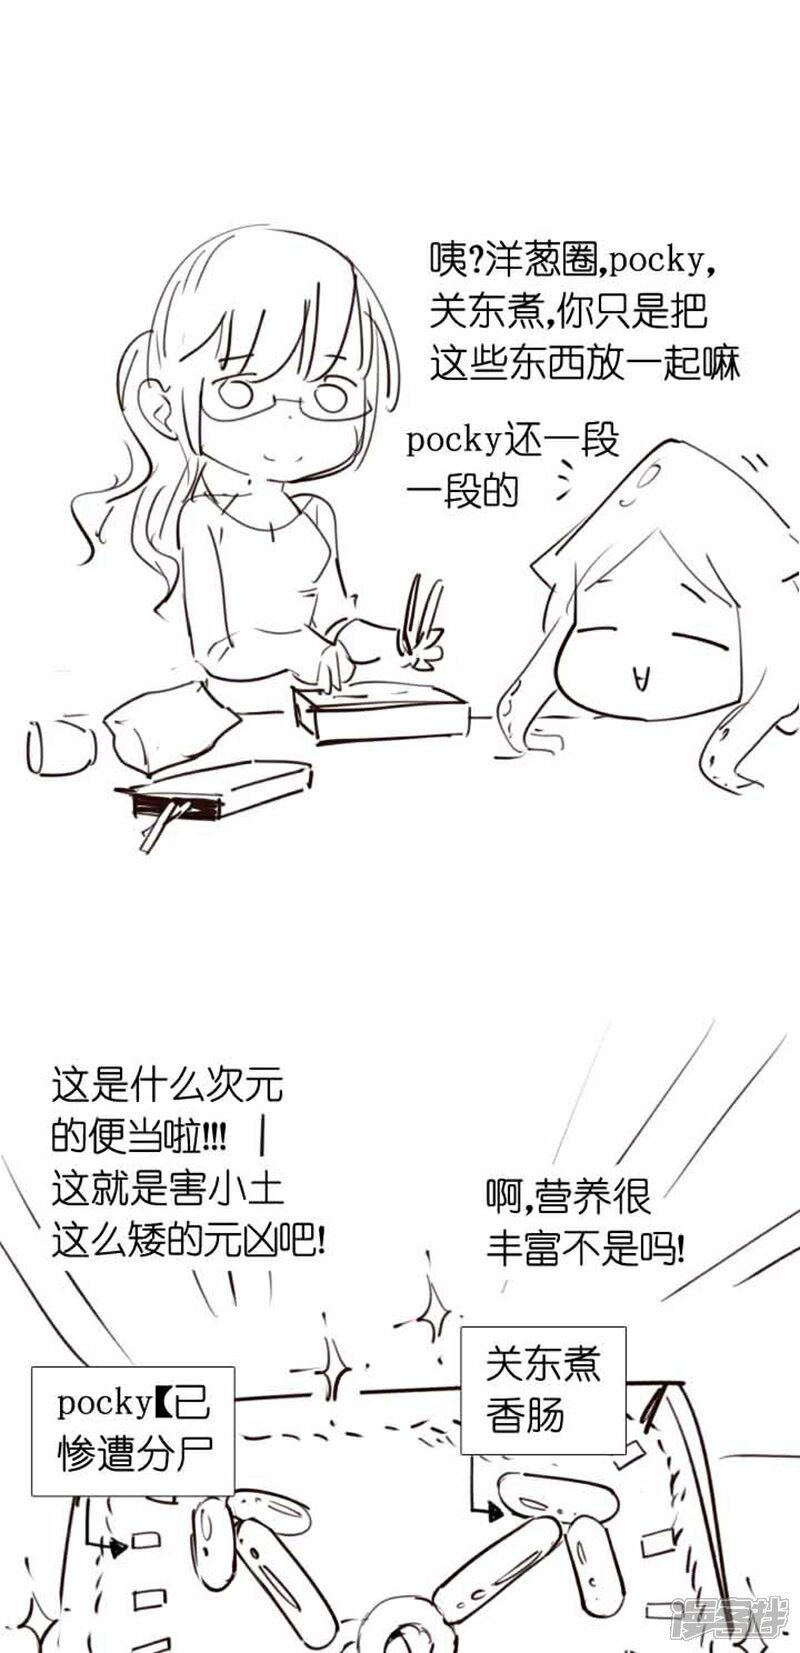 漫画帮帮忙全集第3话-漫漫画客栈祖先王小二图片